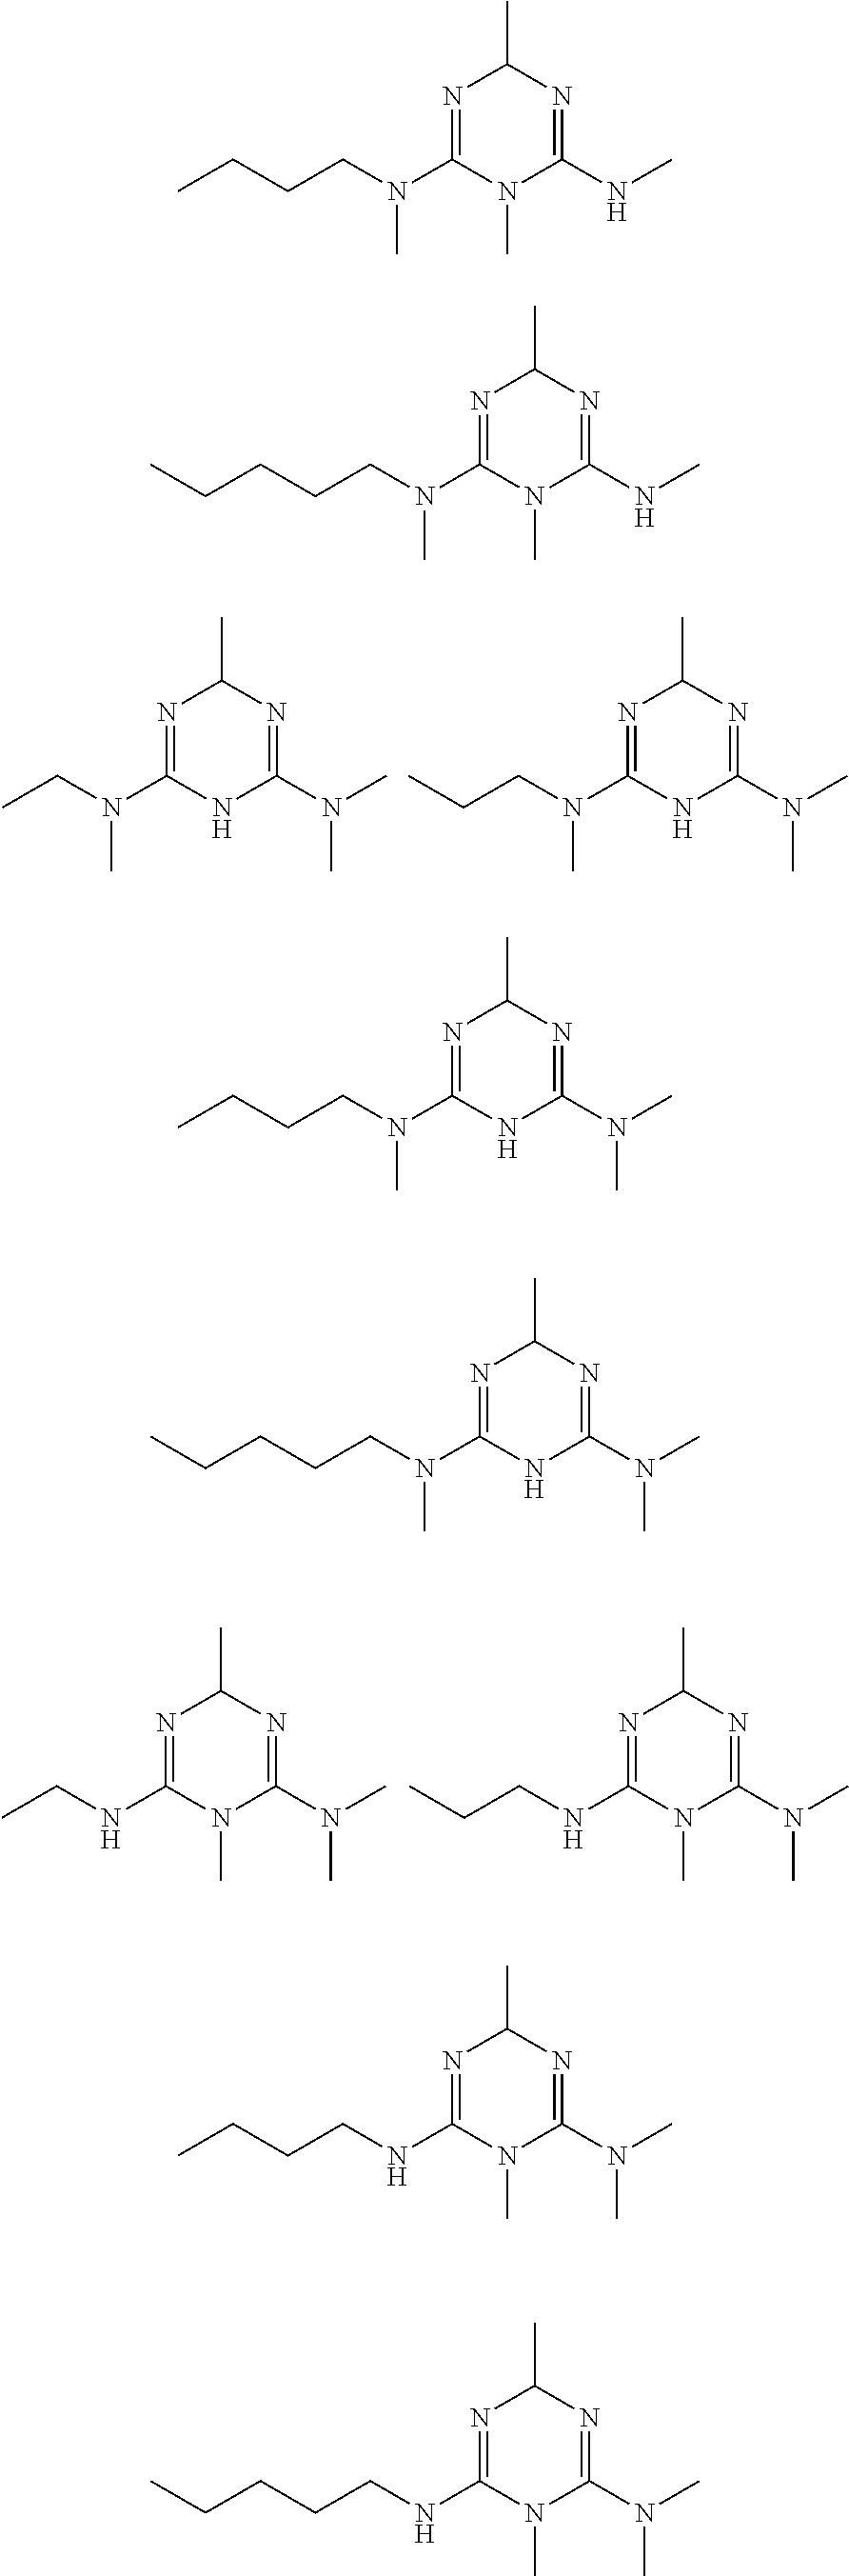 Figure US09480663-20161101-C00168